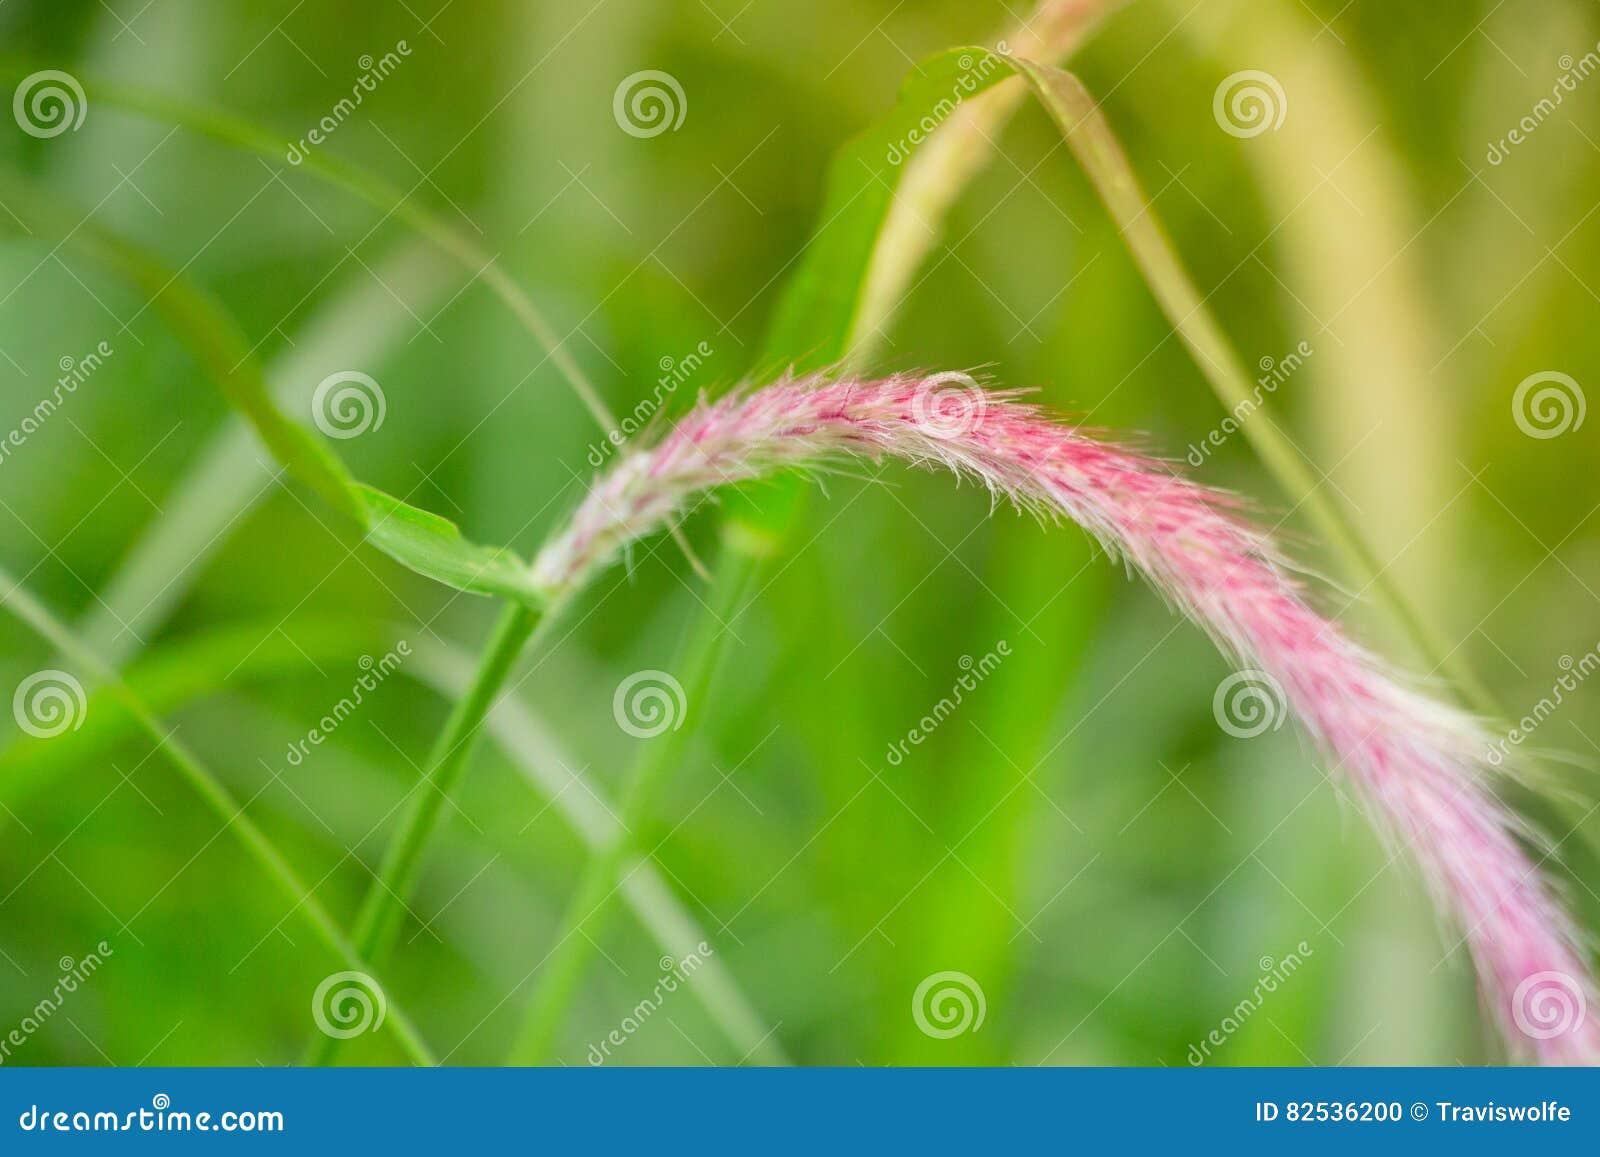 Herbe grande dans un domaine tranquille Macro tir en gros plan avec la fleur pourpre et rose sur le dessus de la lame d herbe dan